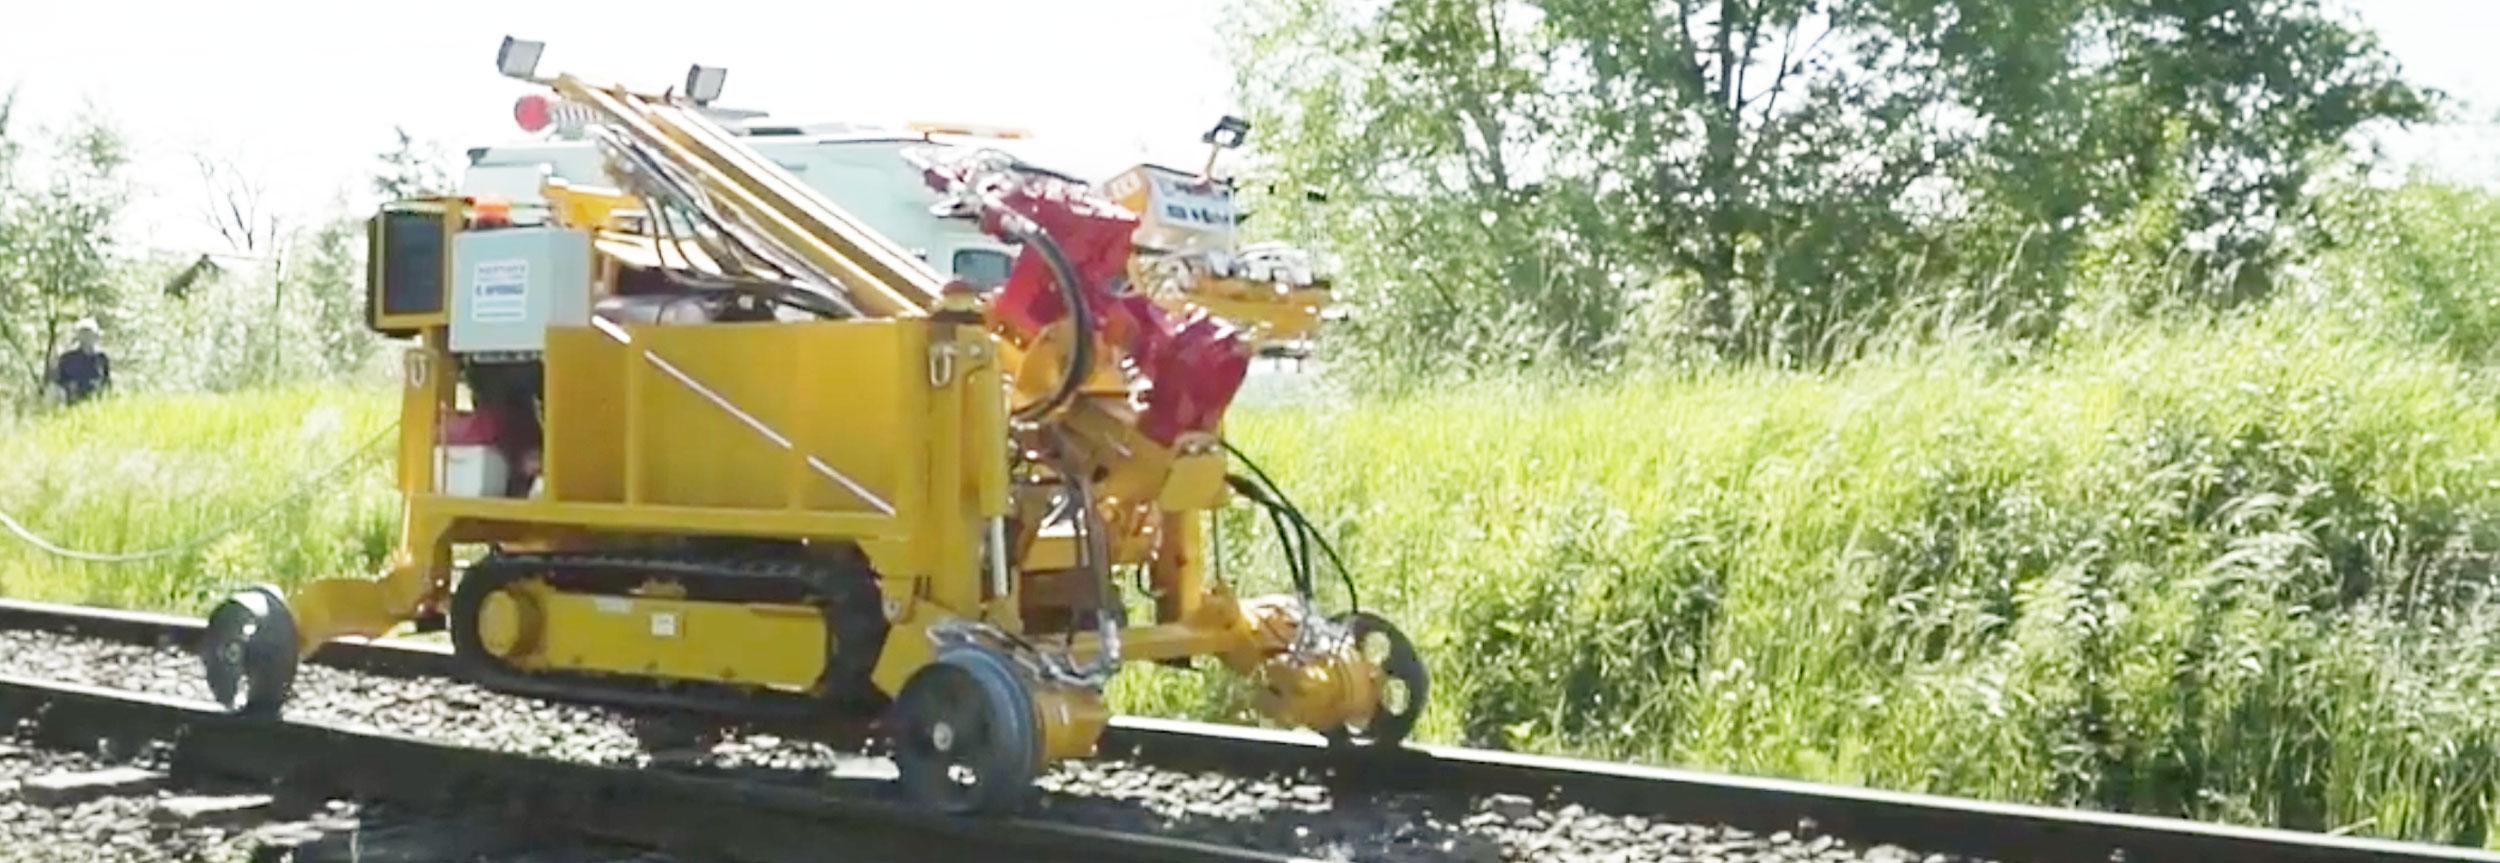 Wiertnica geologiczna gąsienicowa typu H16G przystosowana do prac na torach kolejowych (z napędami jazdy po torach)